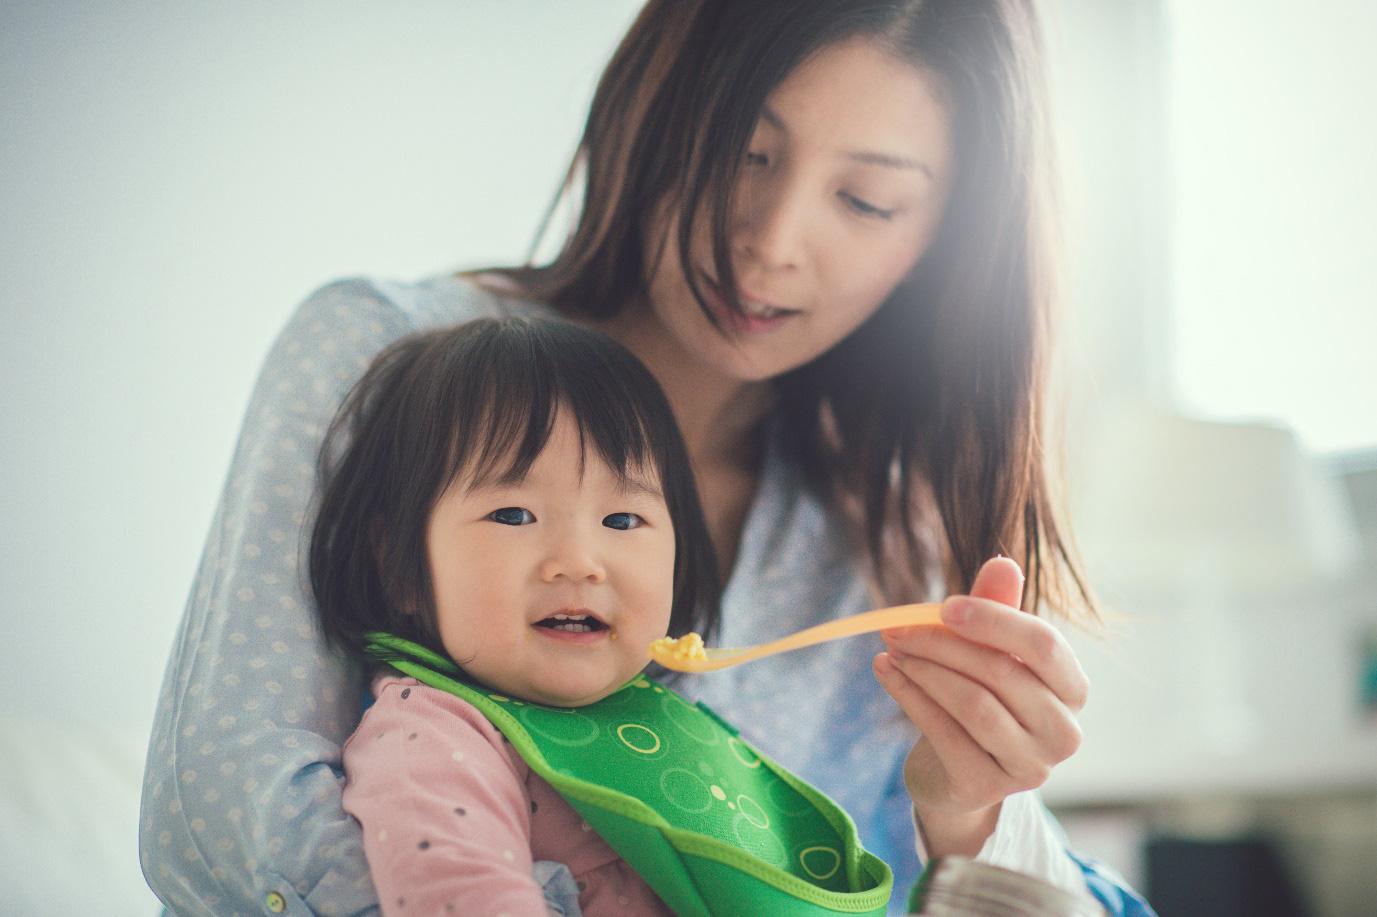 Mách mẹ bí quyết giải quyết vấn đề từ gốc giúp bé tăng cân, tăng chiều cao - Ảnh 1.